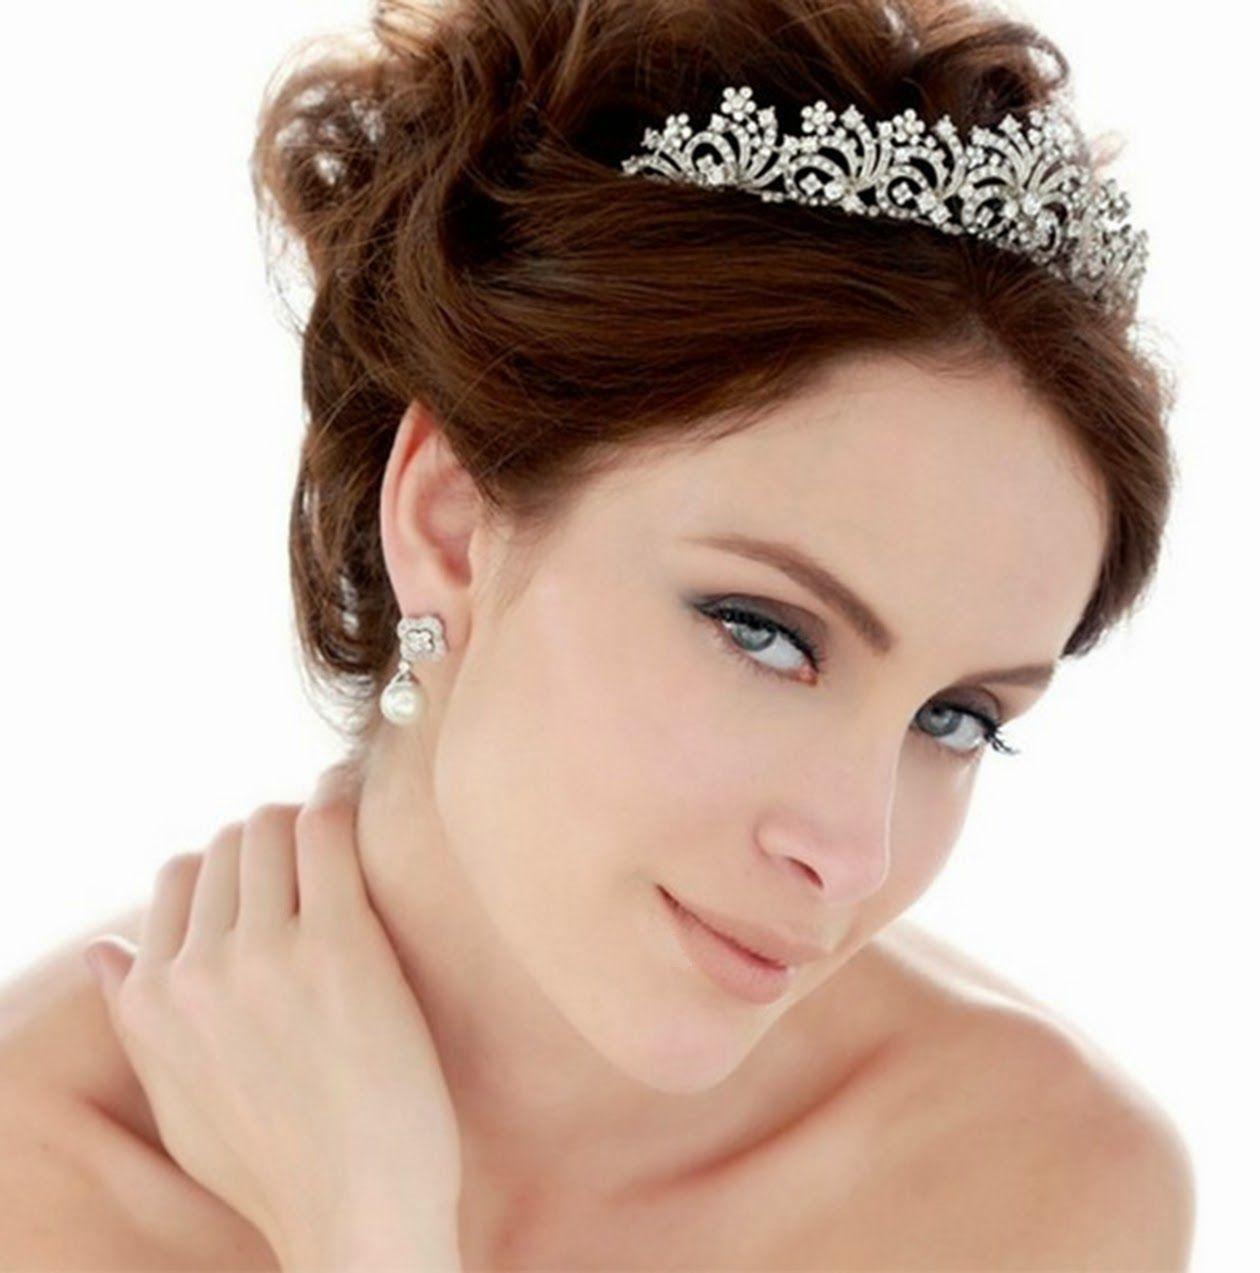 Confira mais sobre o desfile da coleção Realeza assinada por @miguelalcade no Bride Style 2014!